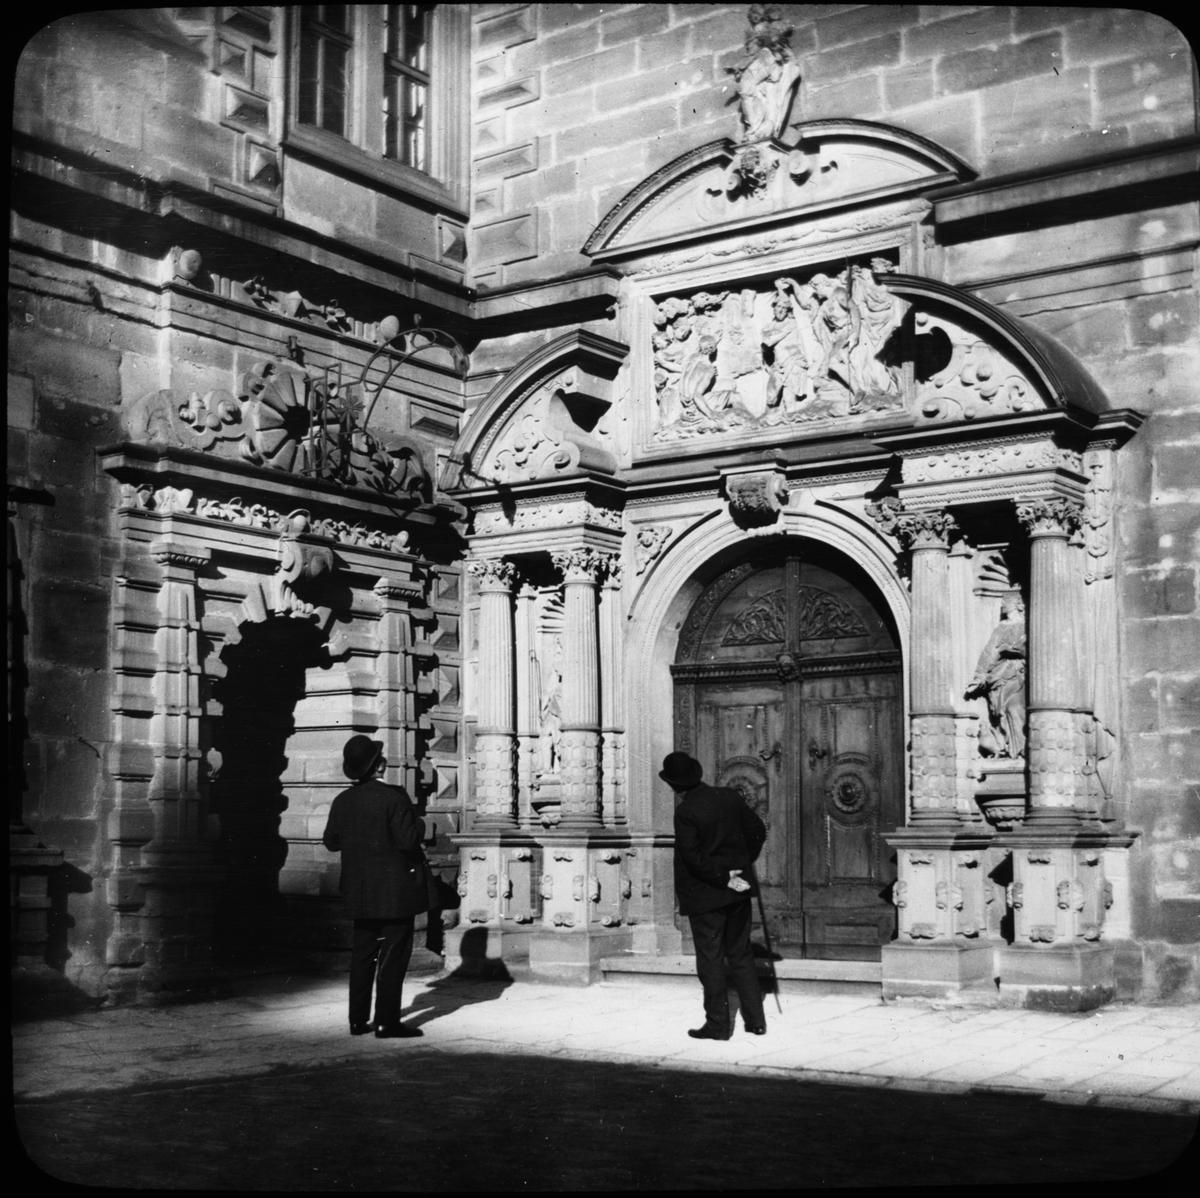 Skioptikonbild med motiv av två män vid porten till slottet Johannisburg i Aschaffenburg. Bilden har förvarats i kartong märkt: Resan 1908. Aschaffenburg 7. XXVIII.